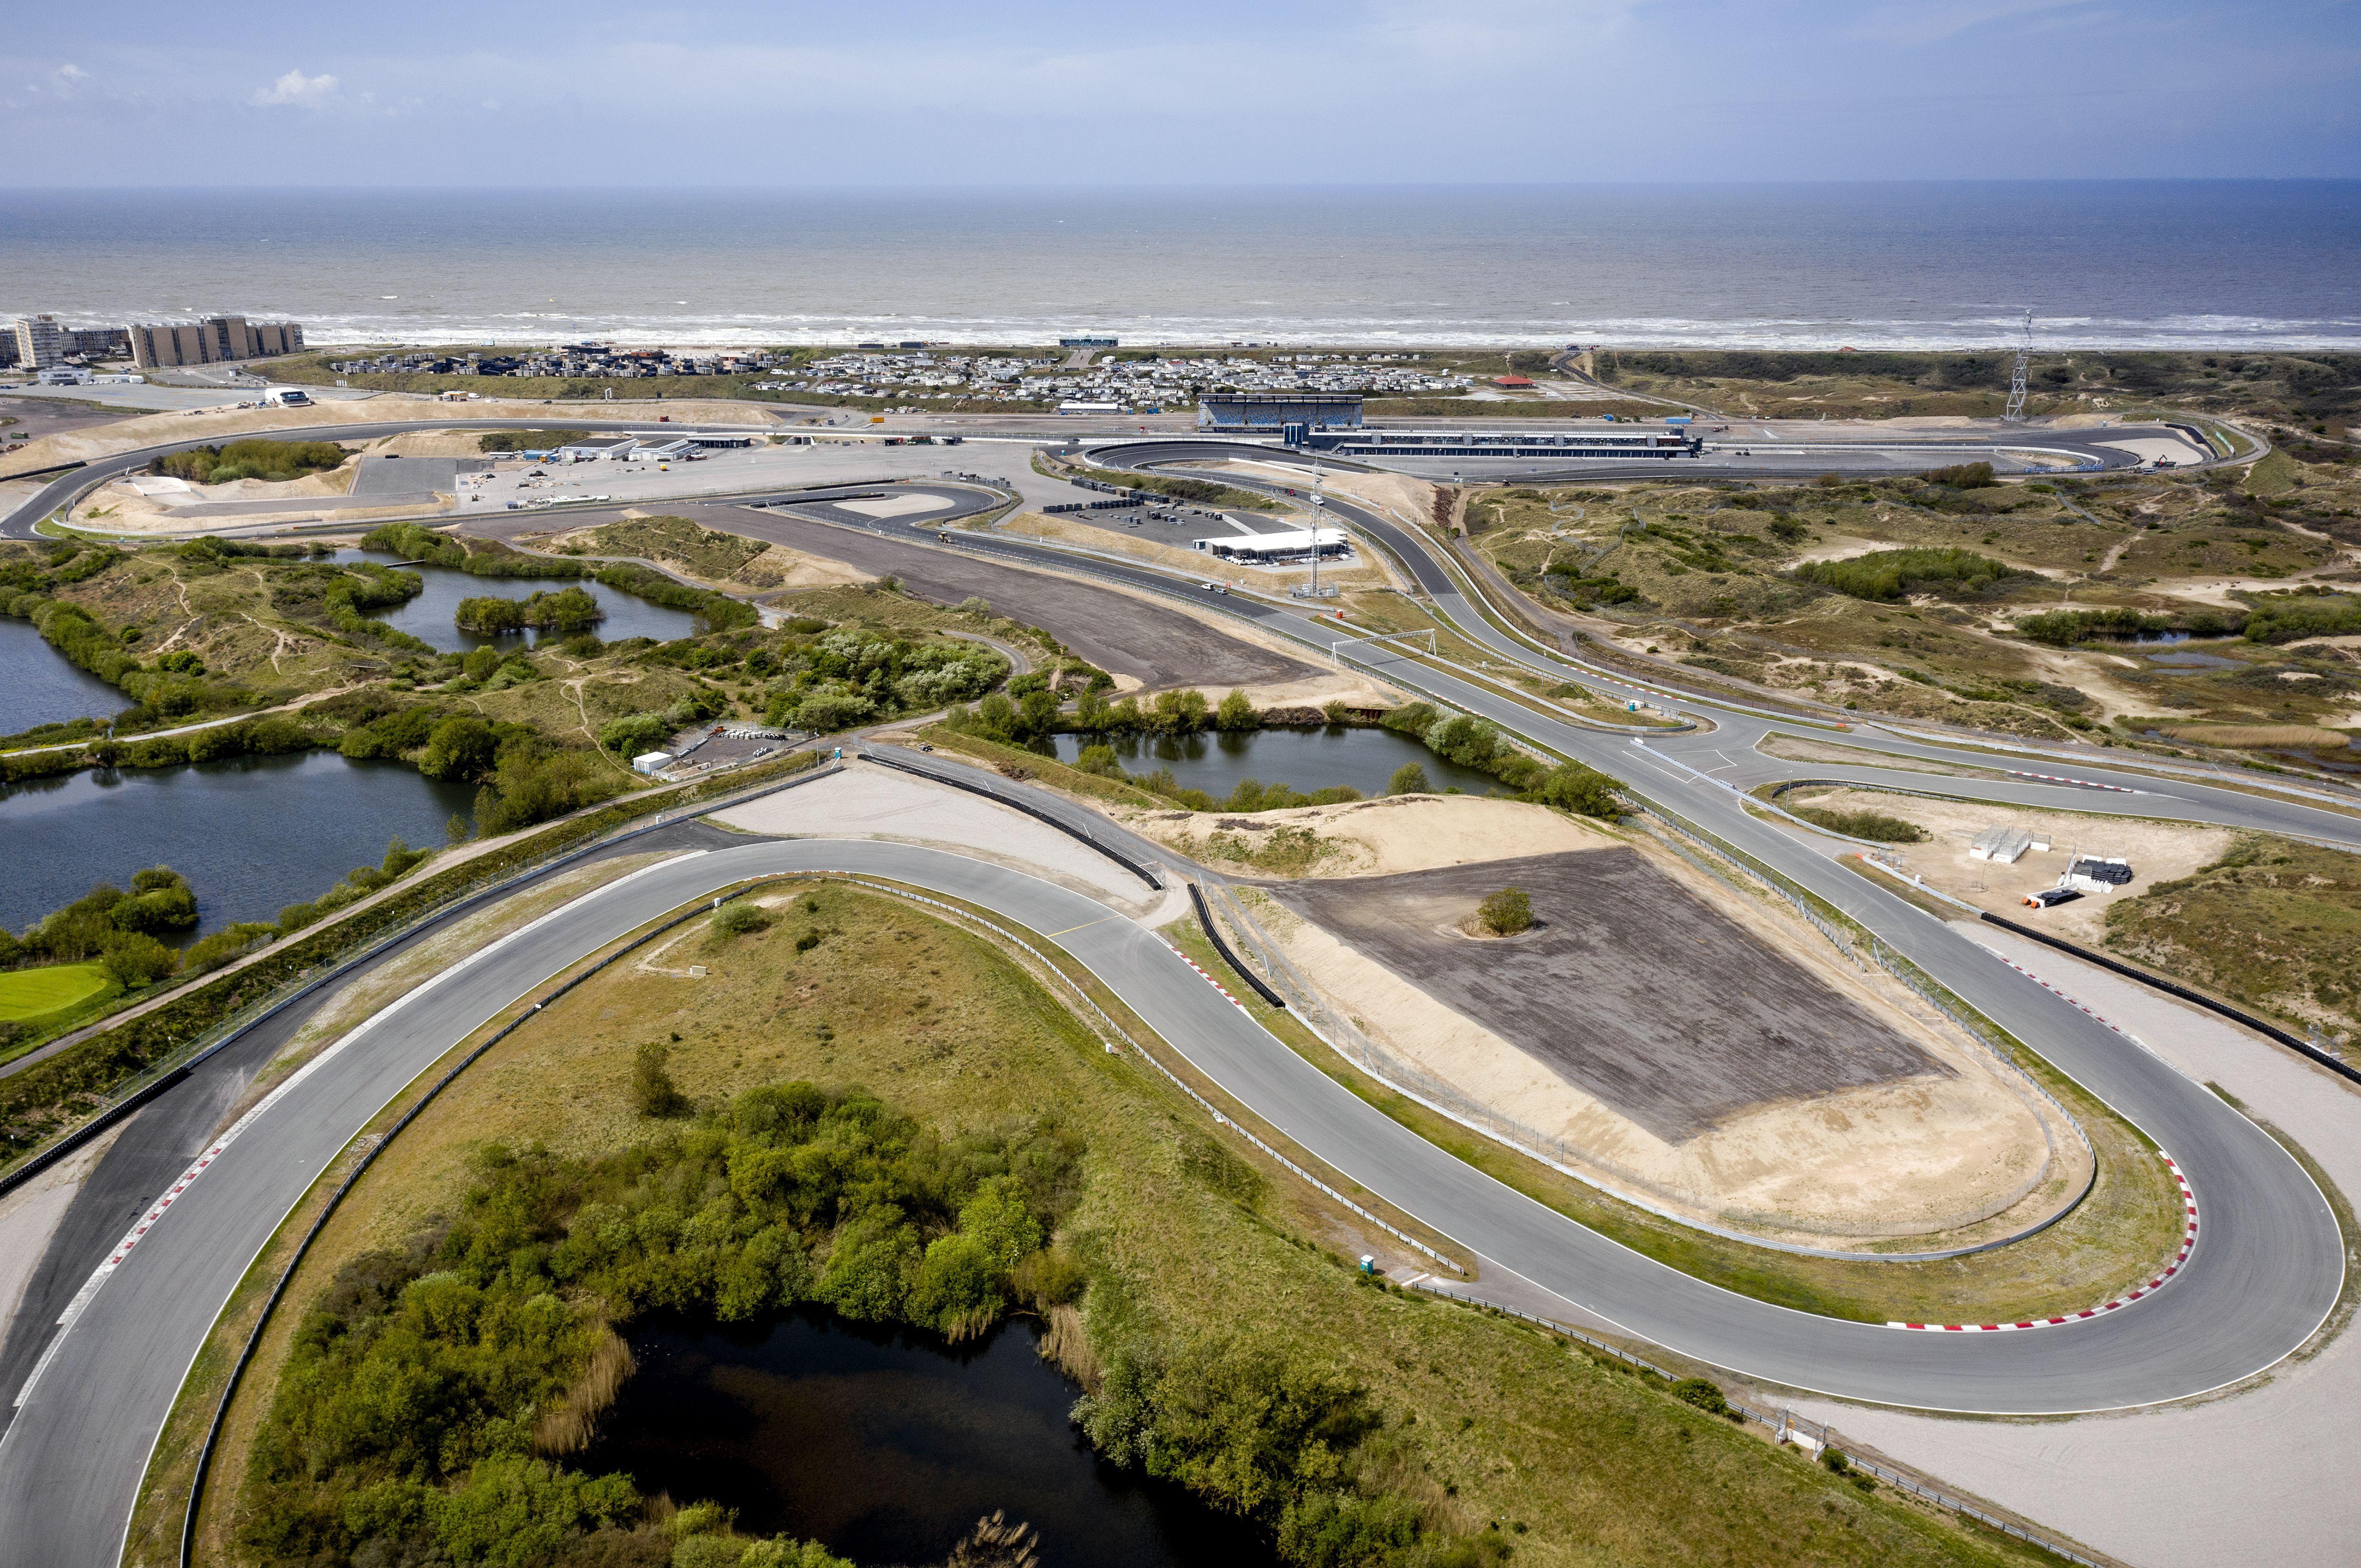 Betrapt! Circuit Zandvoort stort oud asfalt op maagdelijke duinen als ondergrond voor Formule 1-tribunes